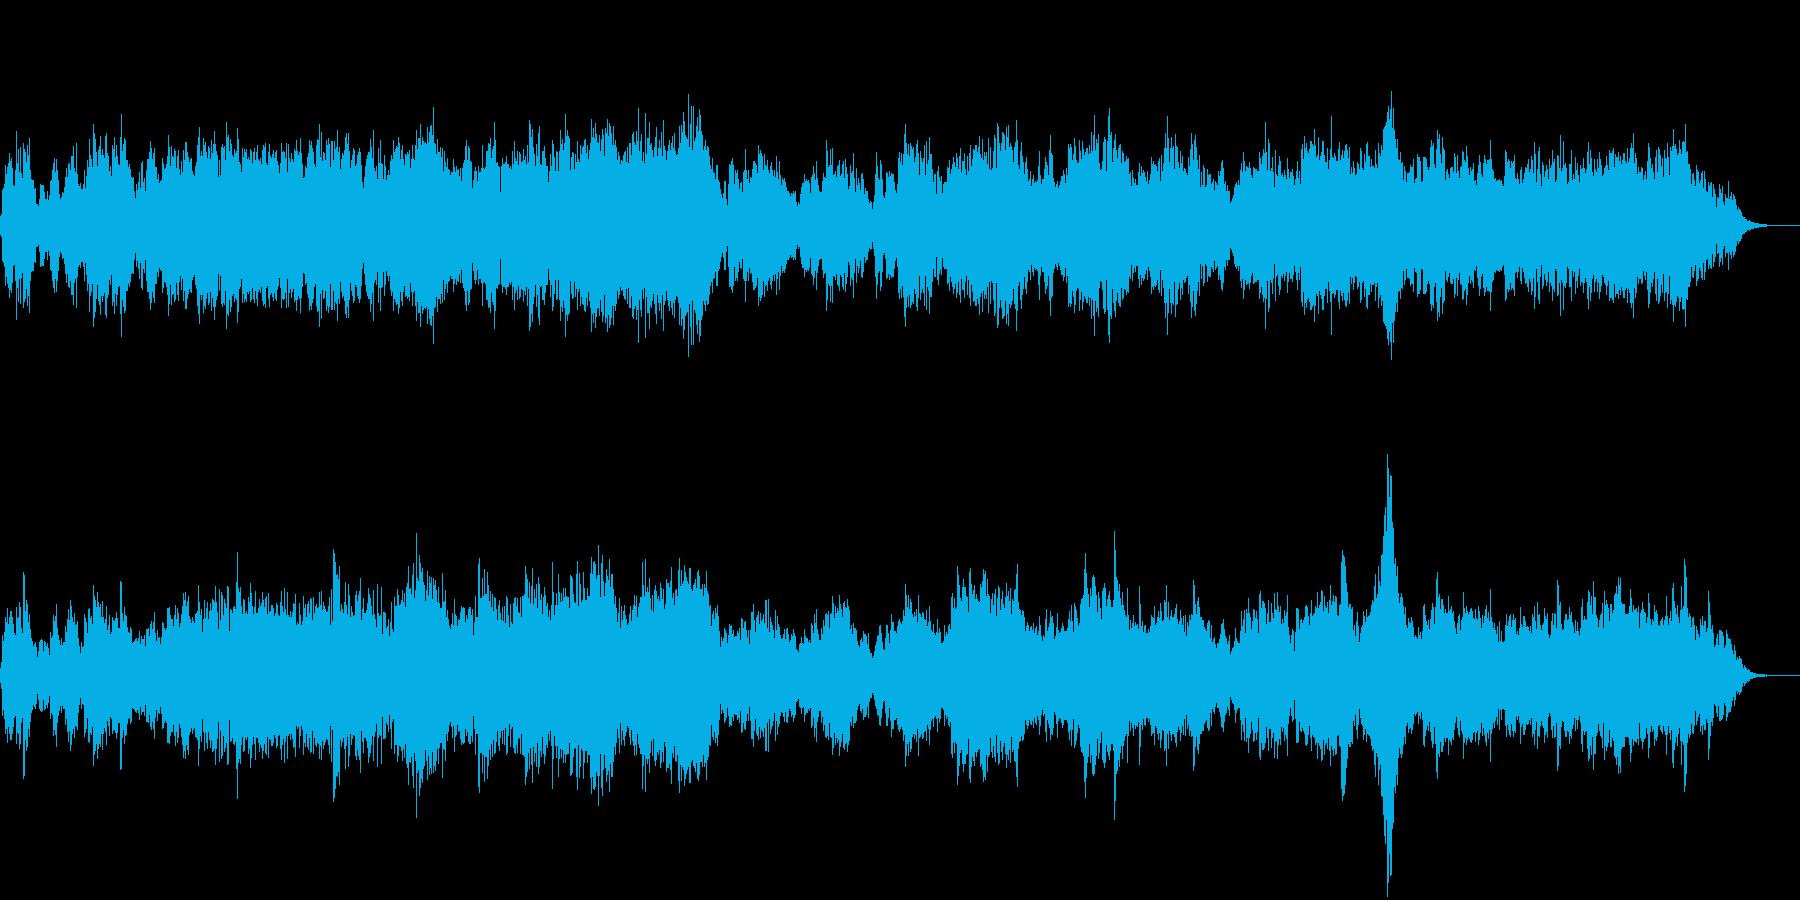 幻想的なシンセサイザーのアンビエント音楽の再生済みの波形